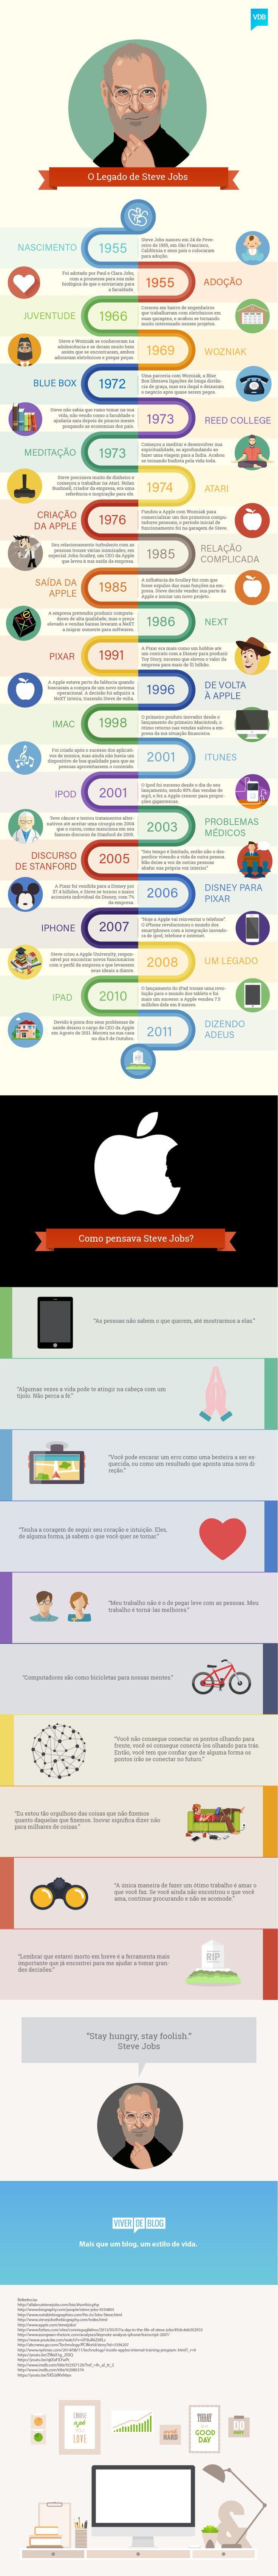 [Infográfico] Steve Jobs E O Legado Que Mudou O Mundo. If you like UX, design, or design thinking, check out theuxblog.com